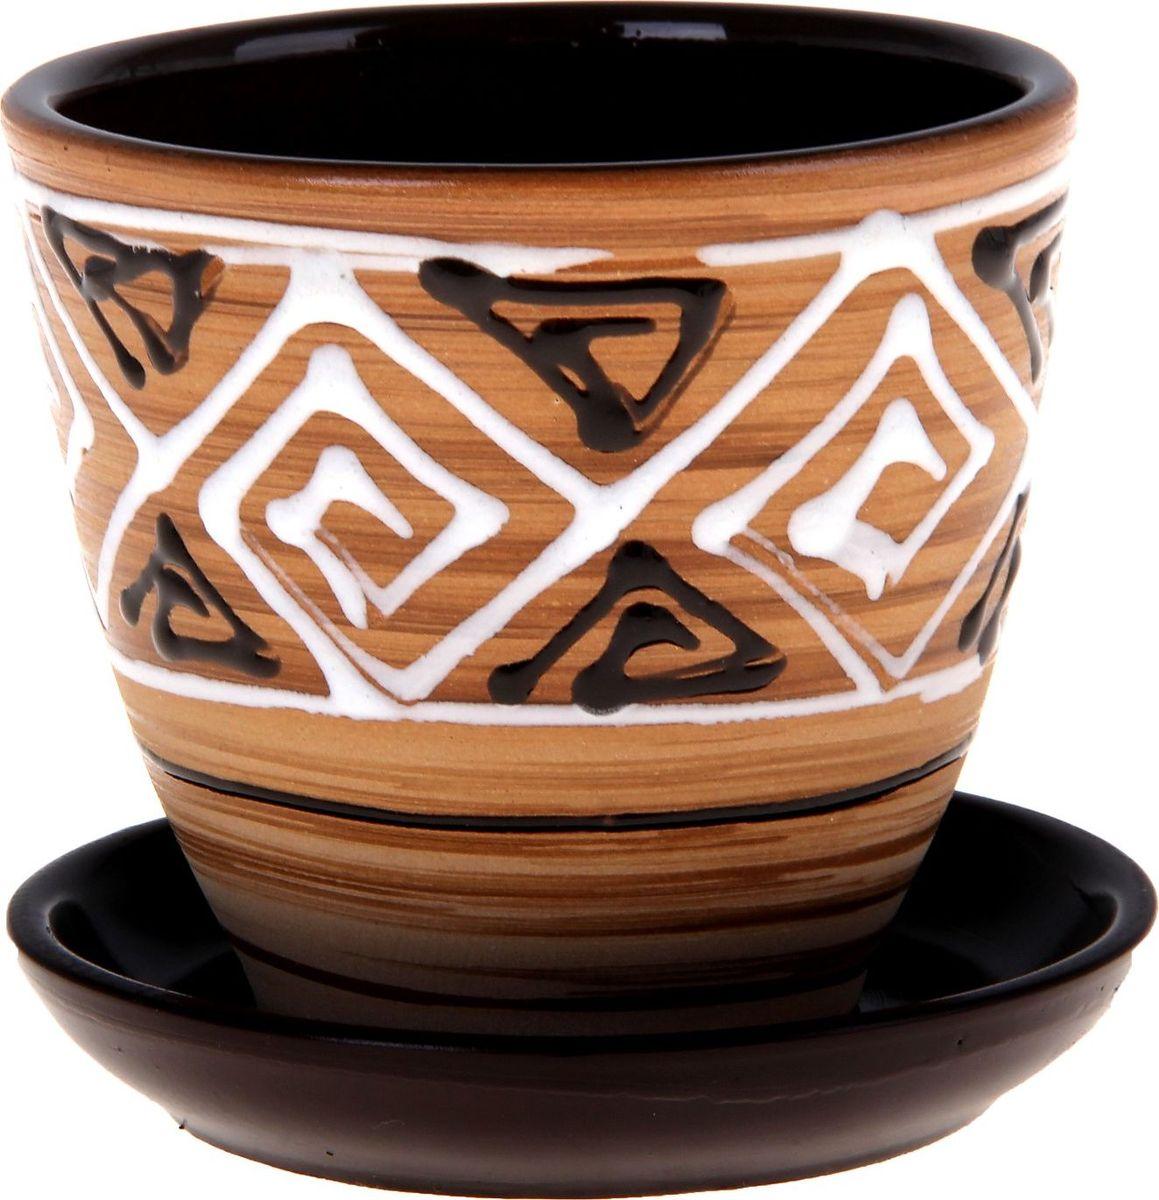 Кашпо Сузорье, 0,4 л332459Декоративное кашпо, выполненное из высококачественной керамики, предназначено для посадки декоративных растений и станет прекрасным украшением для дома. Пористый материал позволяет испаряться лишней влаге, а воздух, необходимый для дыхания корней, проникает сквозь керамические стенки. Такое кашпо украсит окружающее пространство и подчеркнет его оригинальный стиль.